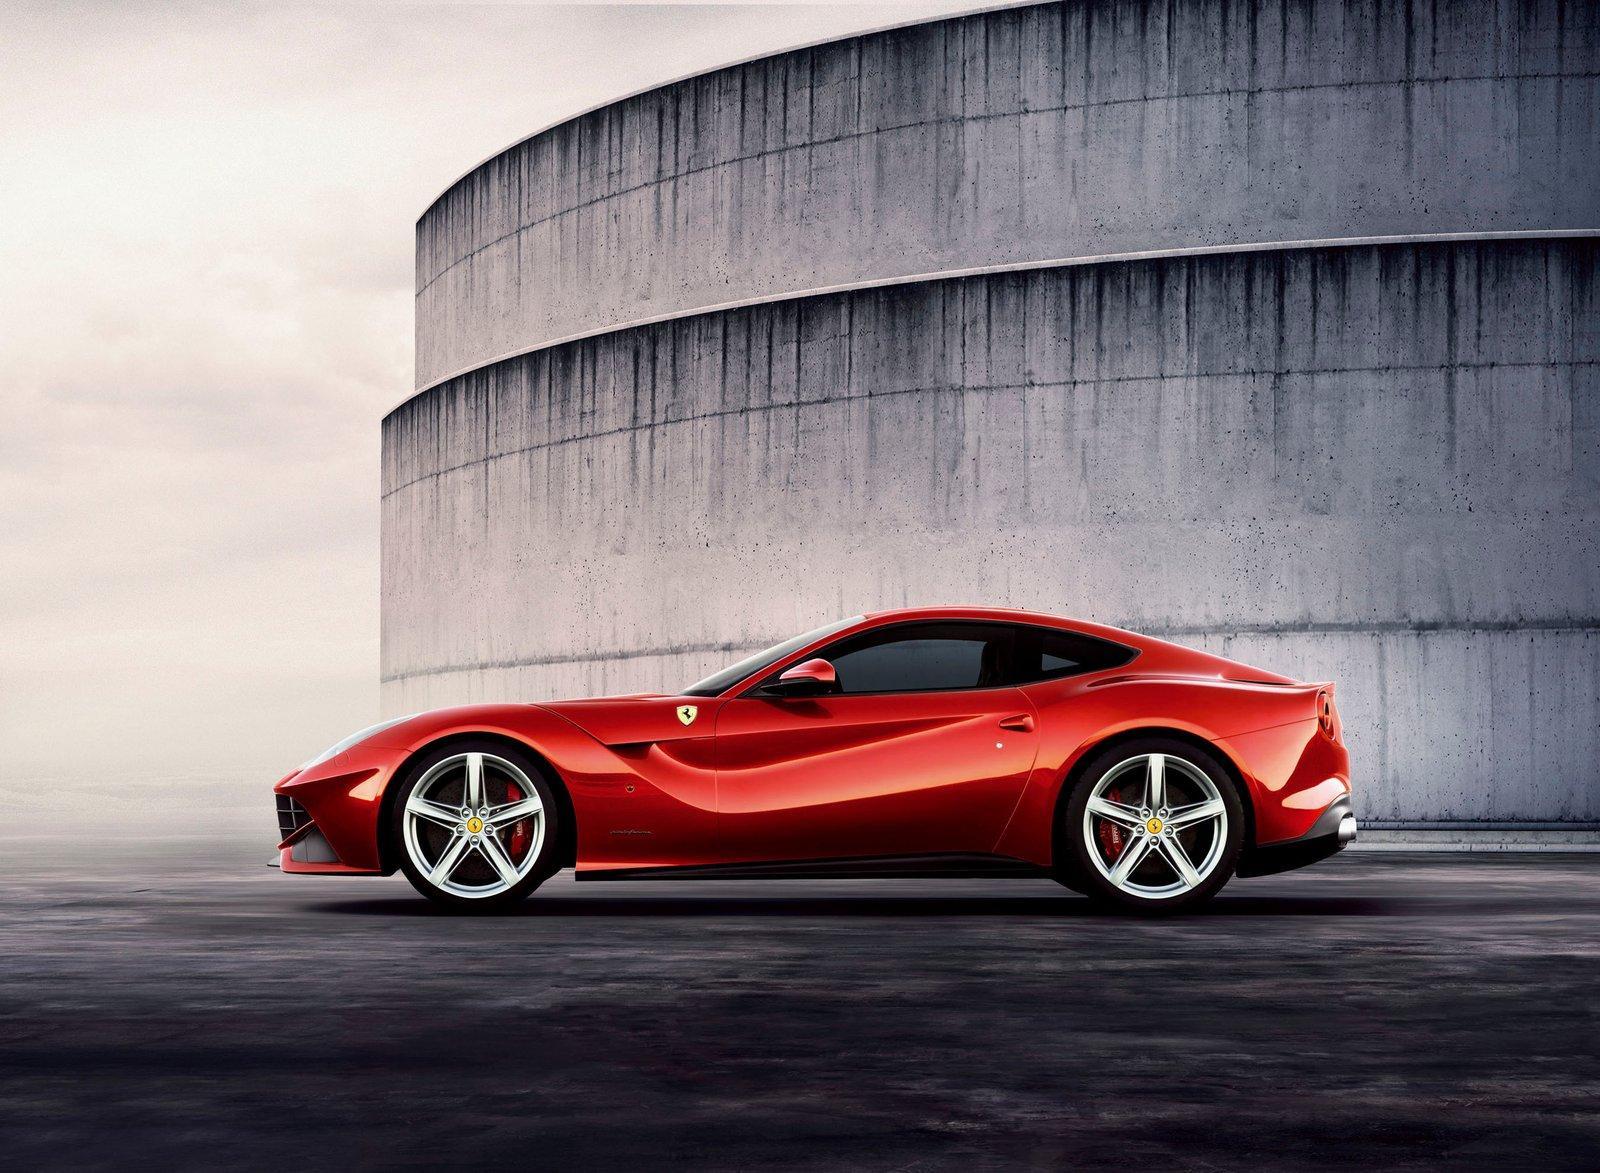 Ferrari F12 Berlinetta Ferrari F12 Berlinetta   $1,125,000